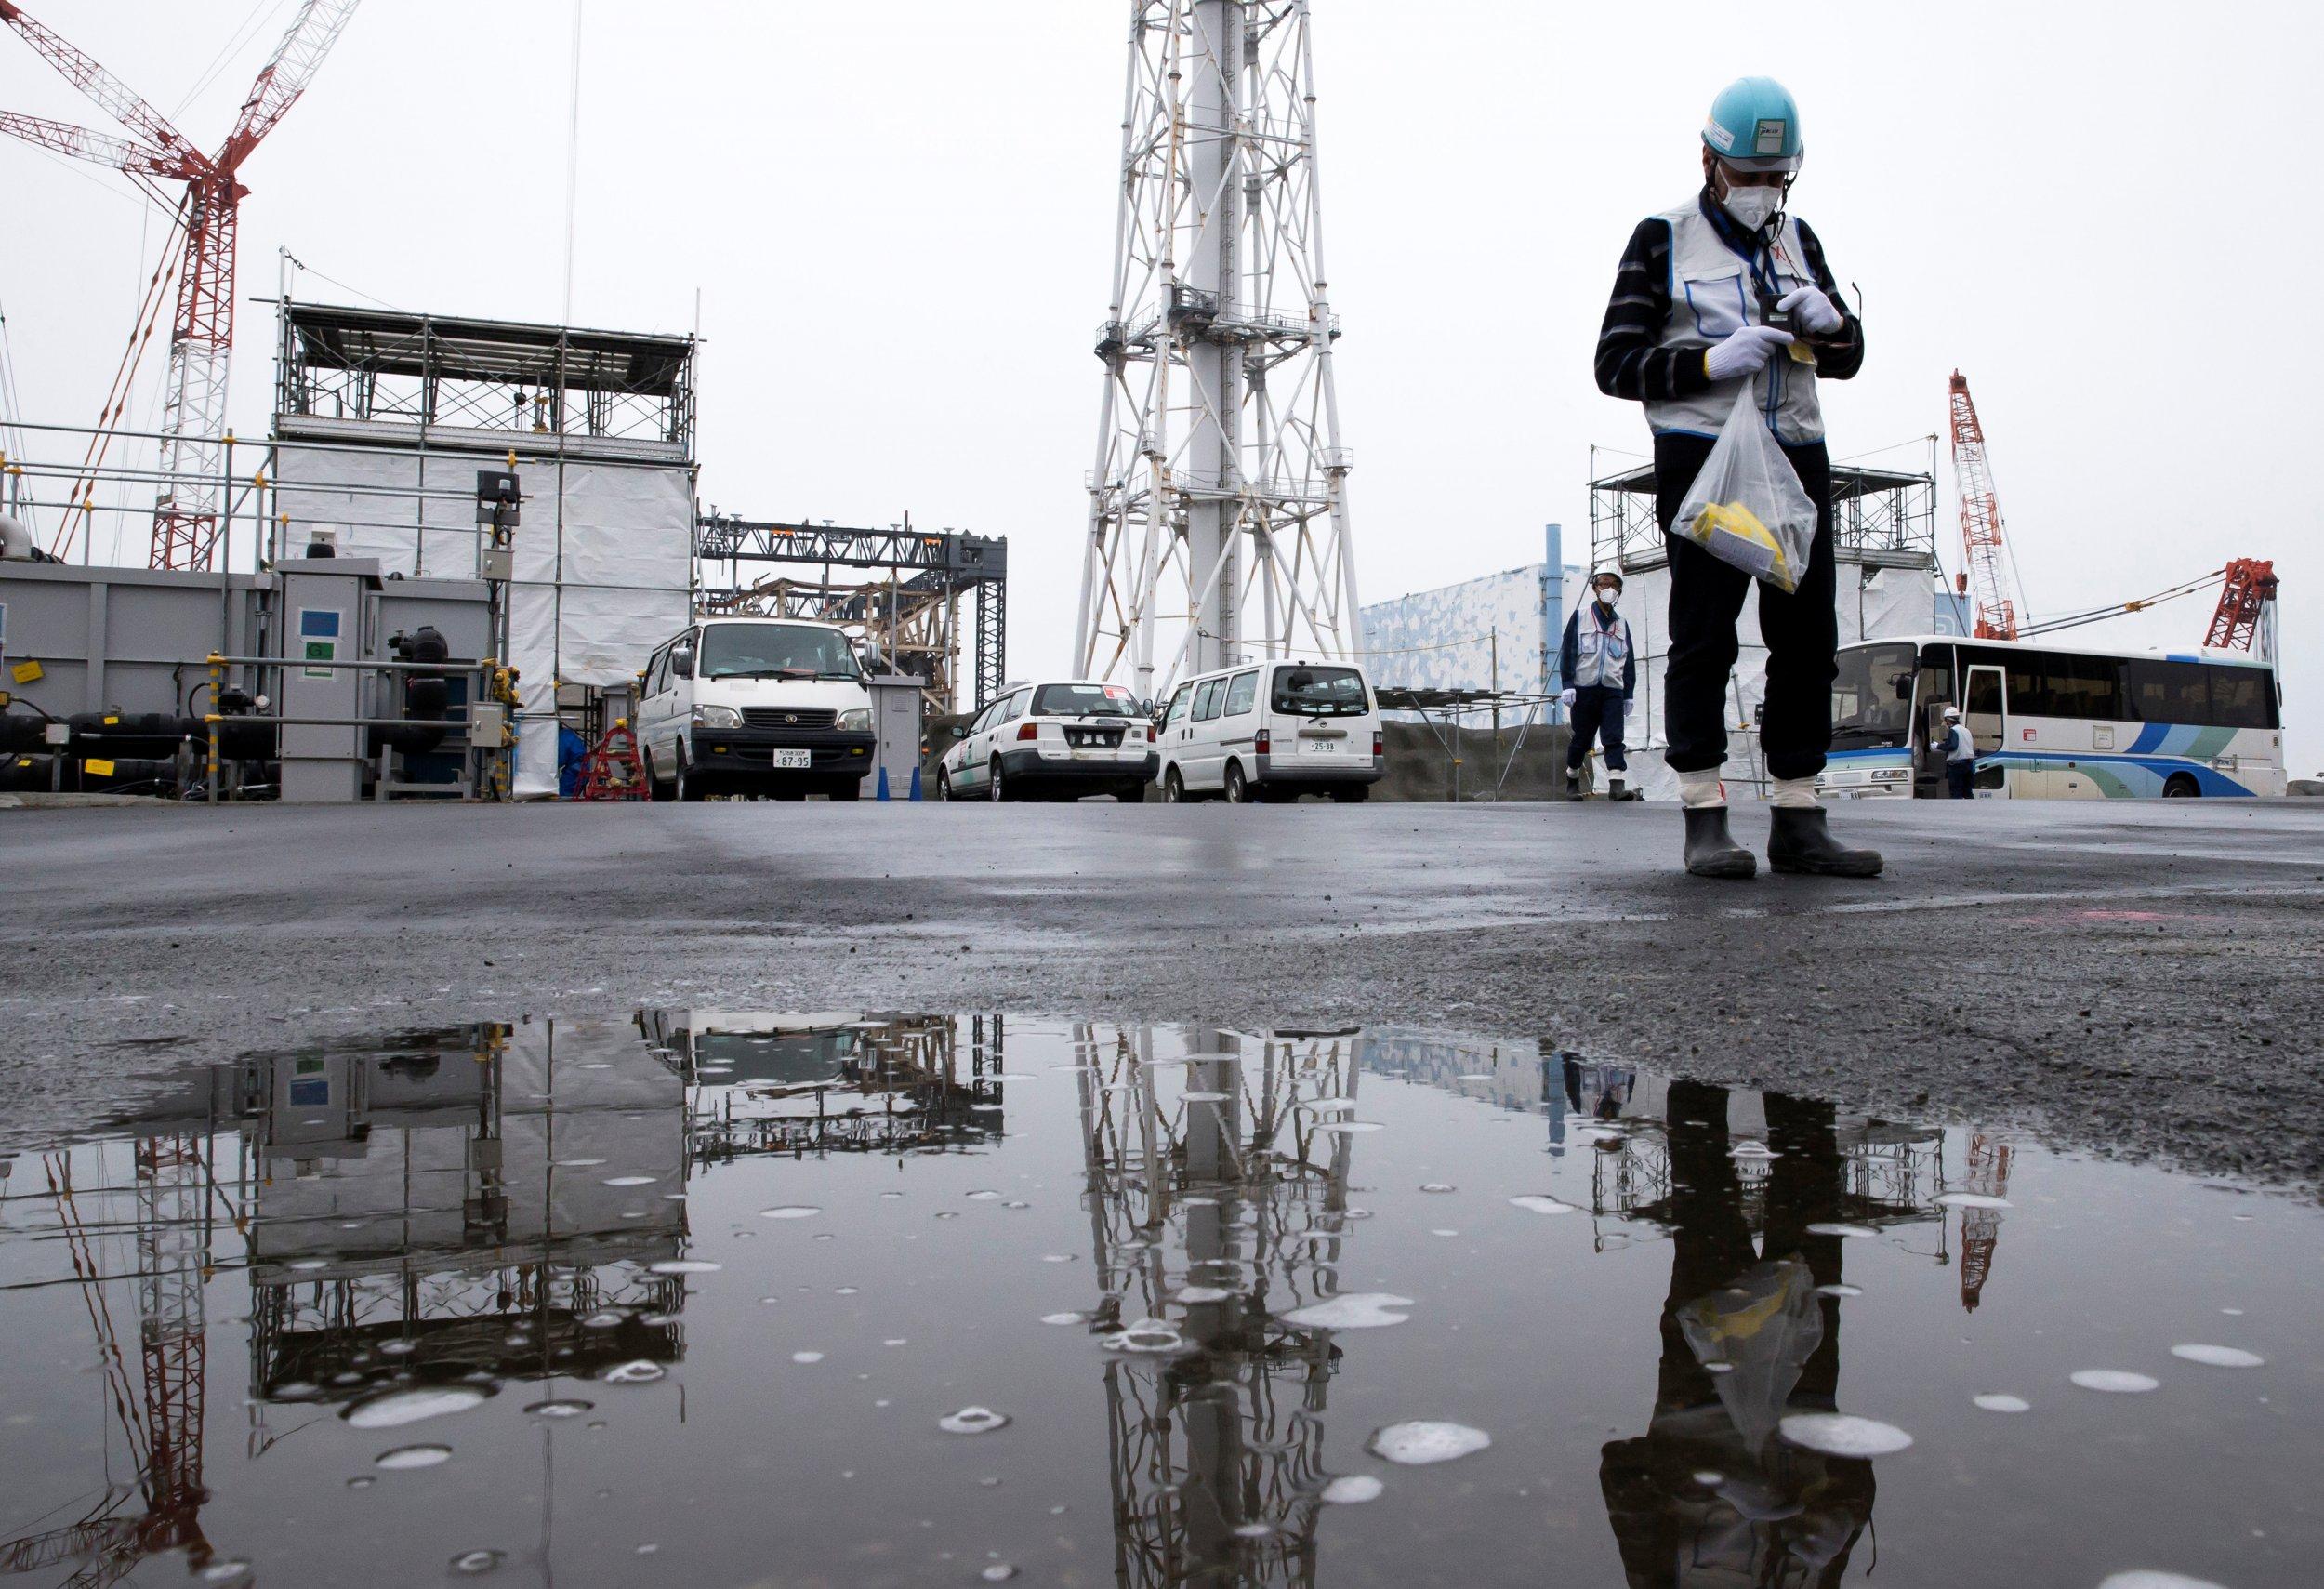 Αποτέλεσμα εικόνας για fukushima tepco